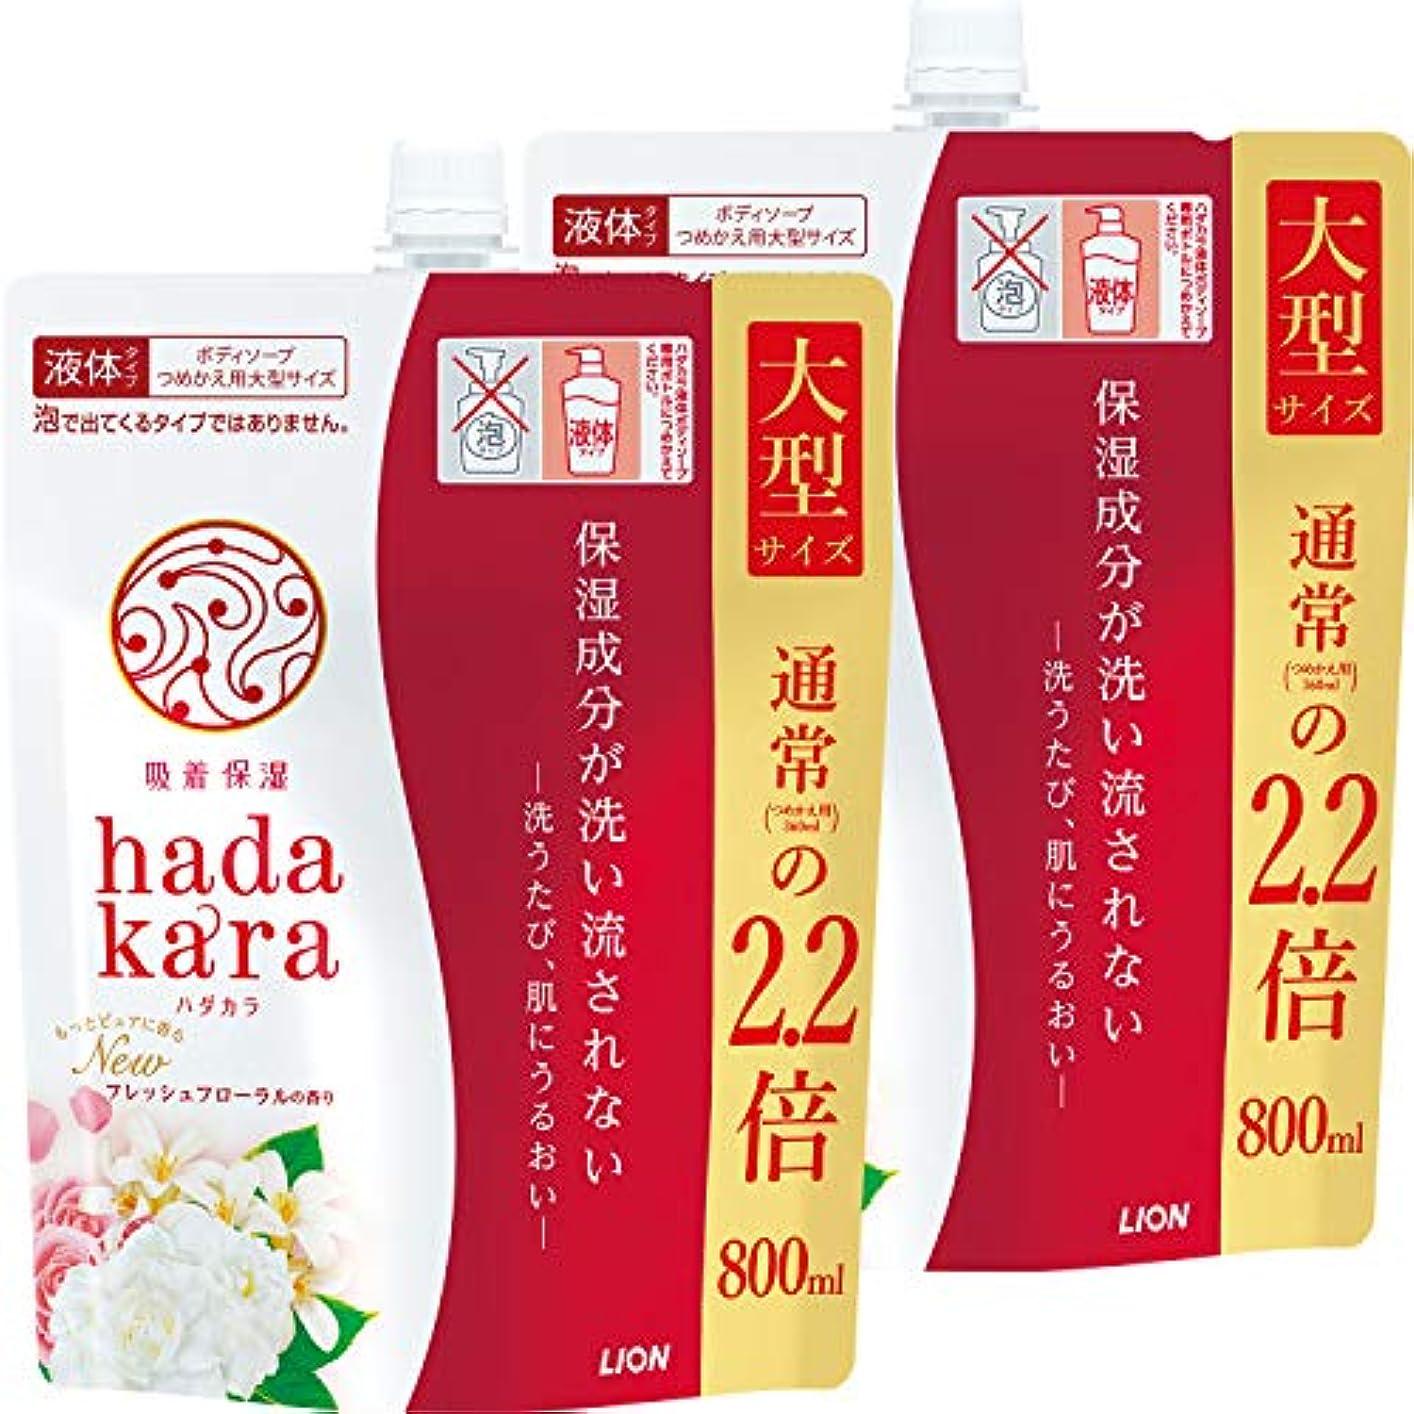 勢いポゴスティックジャンプリーズhadakara(ハダカラ) ボディソープ フレッシュフローラルの香り つめかえ用大型サイズ 800ml×2個